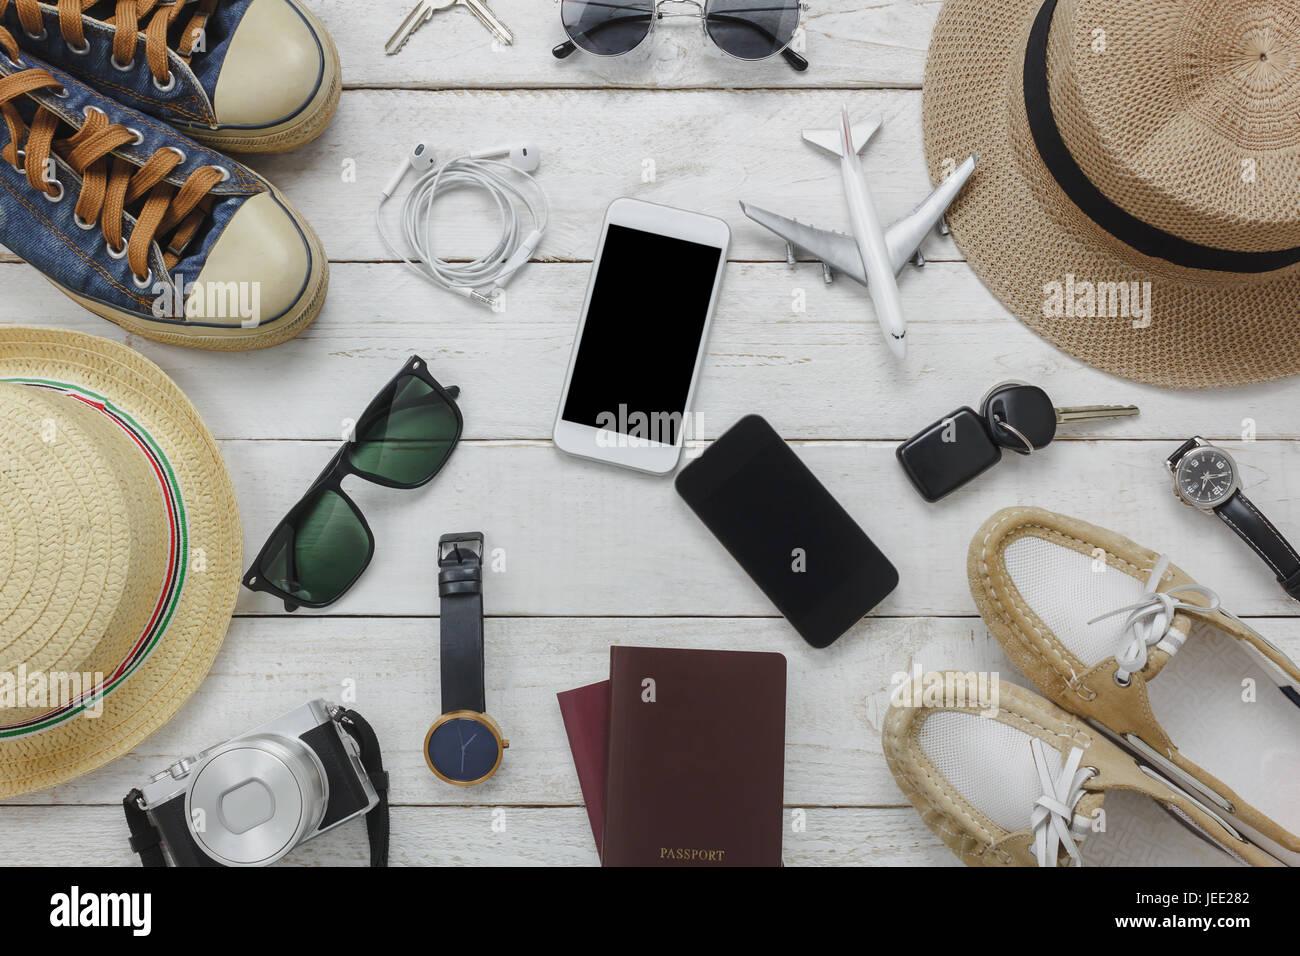 Vista superiore per uomo e donna for essentials al concetto di  viaggio.Bianco e nero telefono  cellulare fc6ef76f892